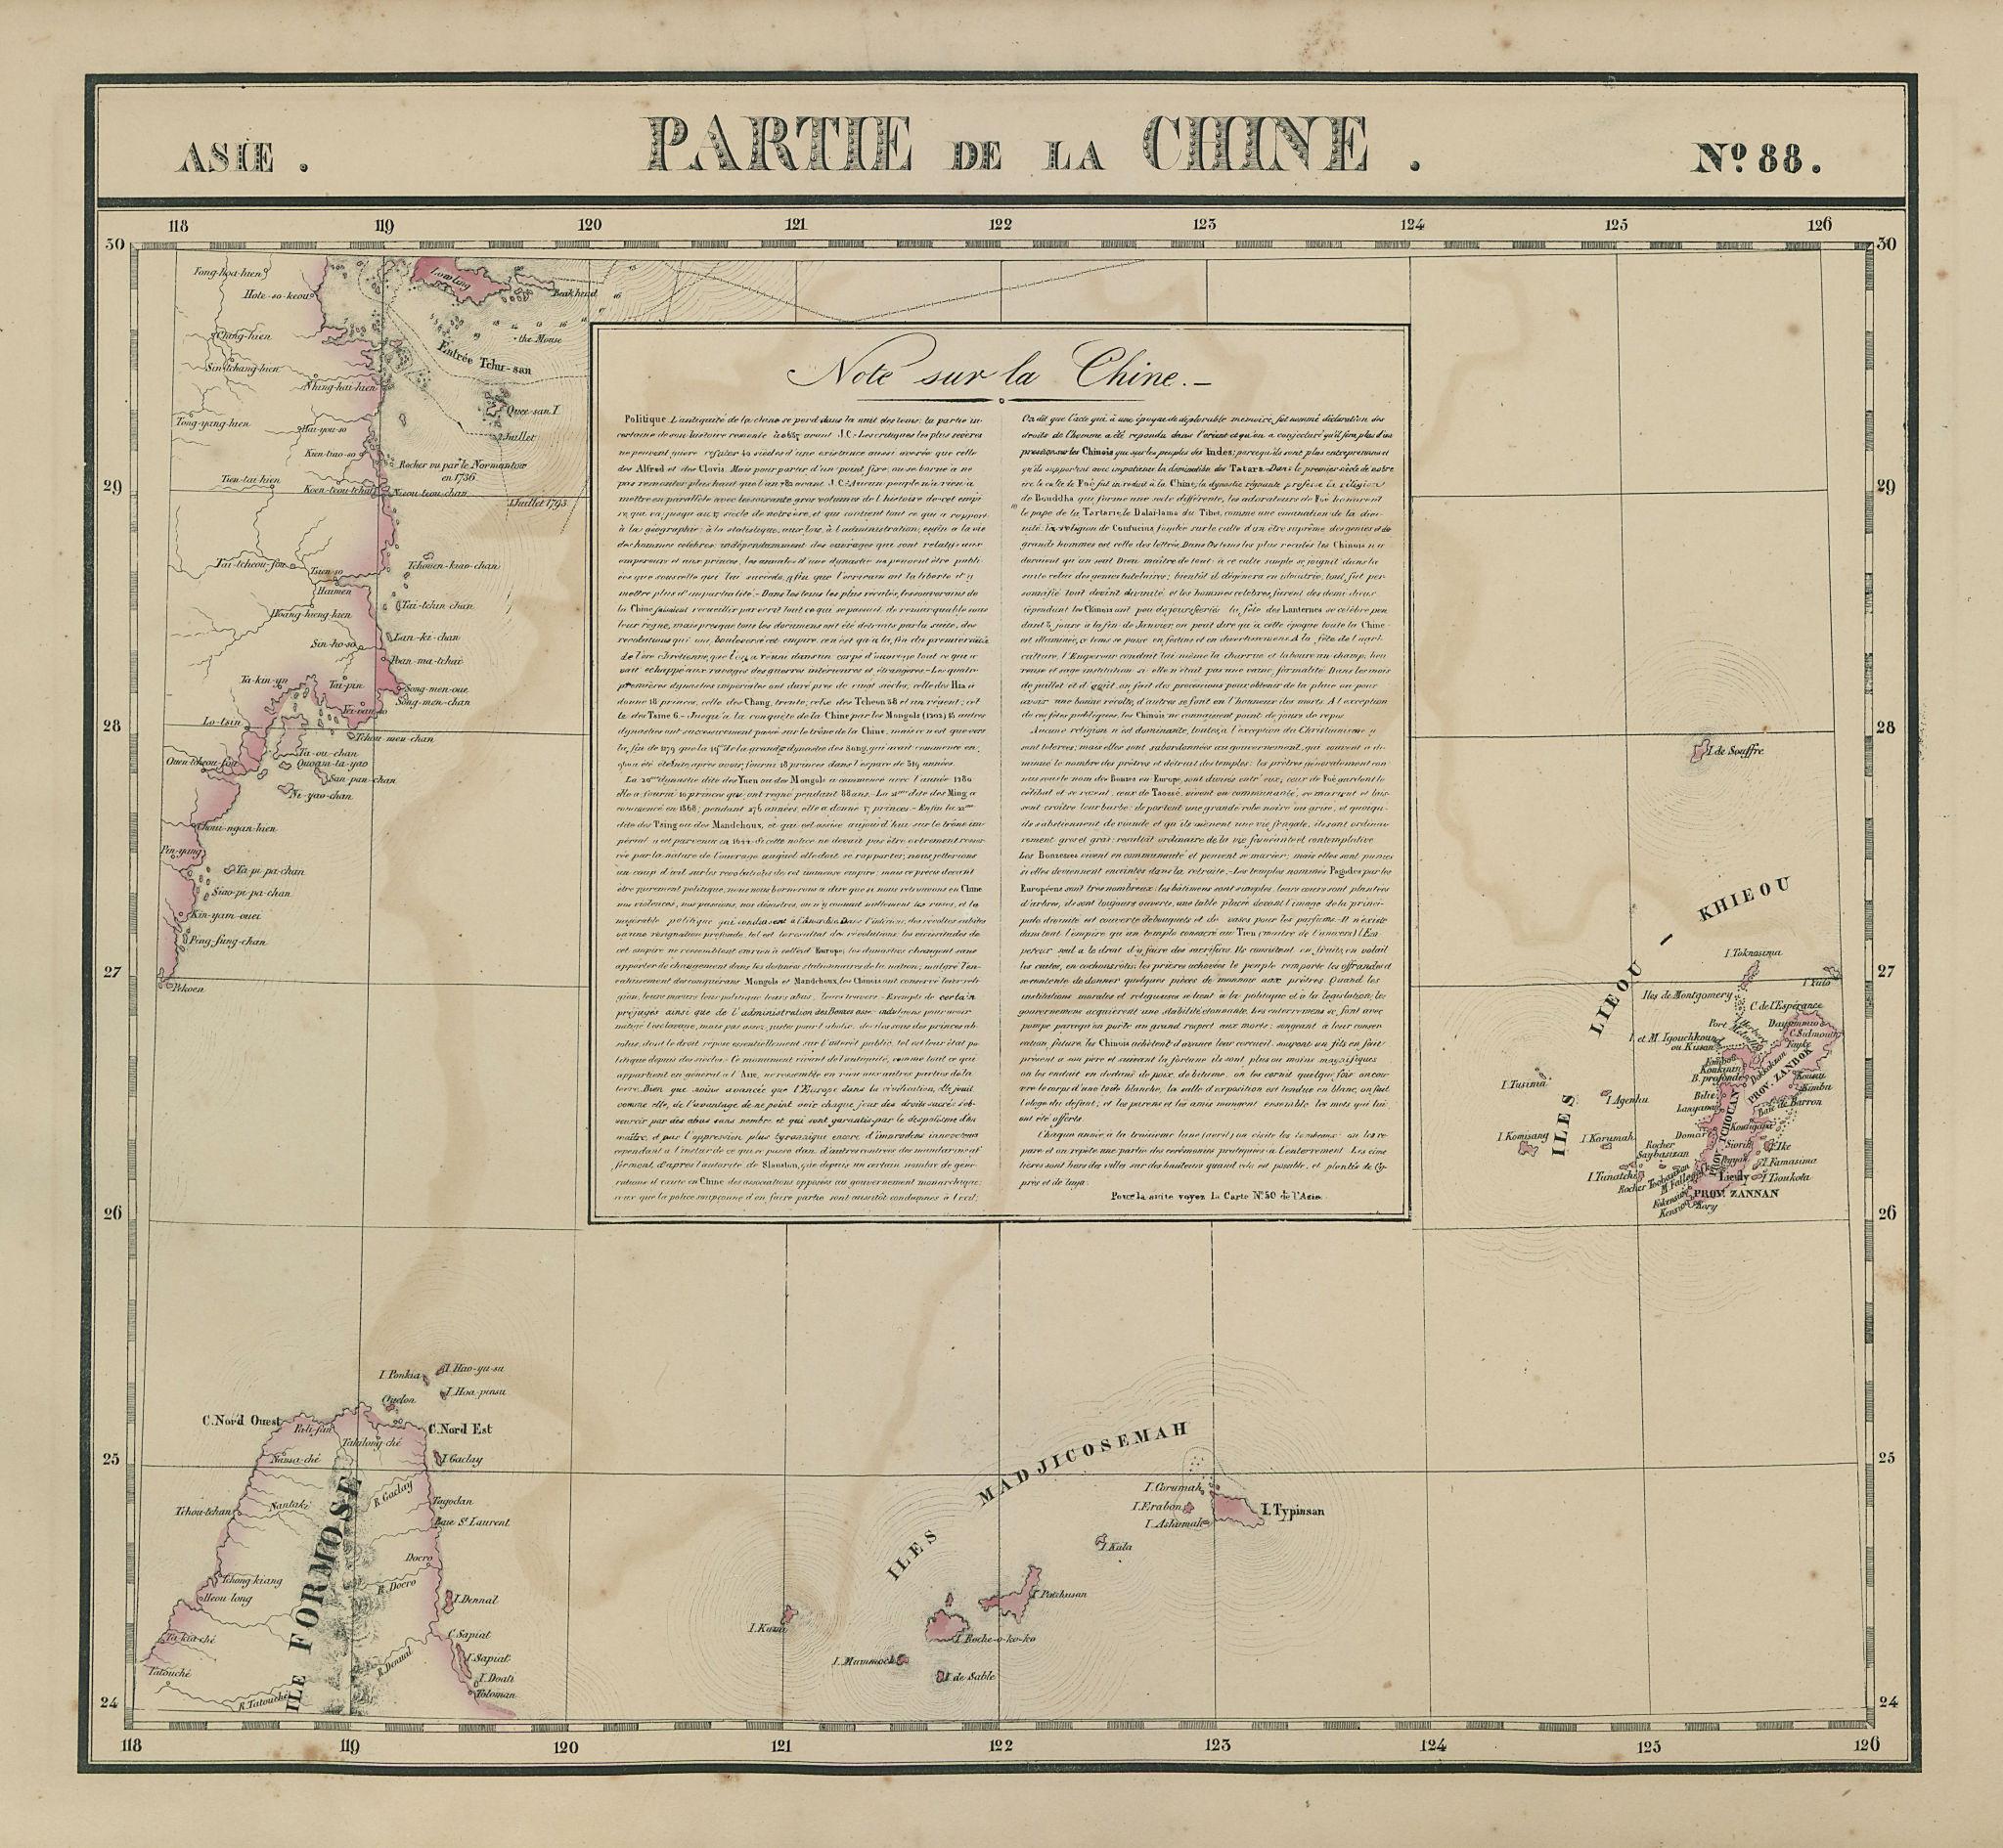 Asie. Partie de la Chine #88 Taiwan Okinawa Zhejiang China VANDERMAELEN 1827 map